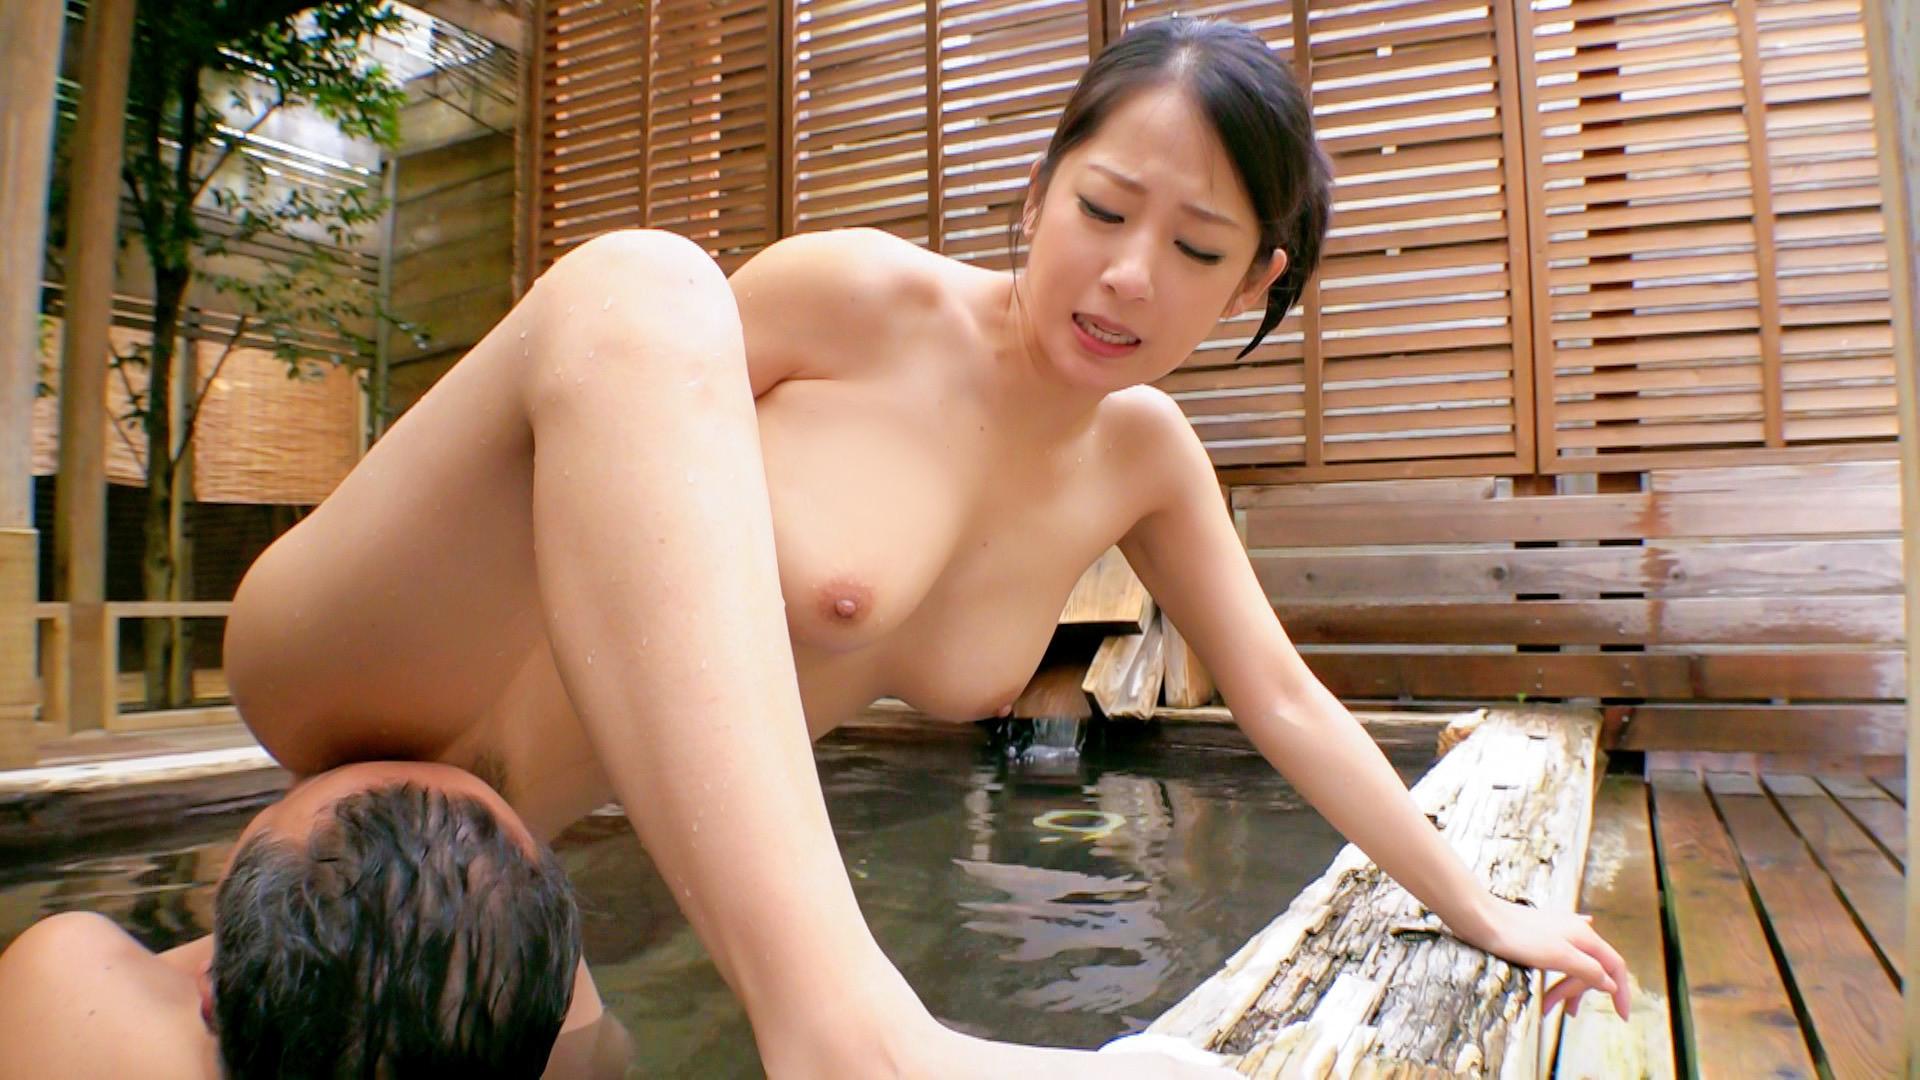 巨乳人妻温泉デート 明るくてよく笑う浴衣美人 佳純 32歳,のサンプル画像10